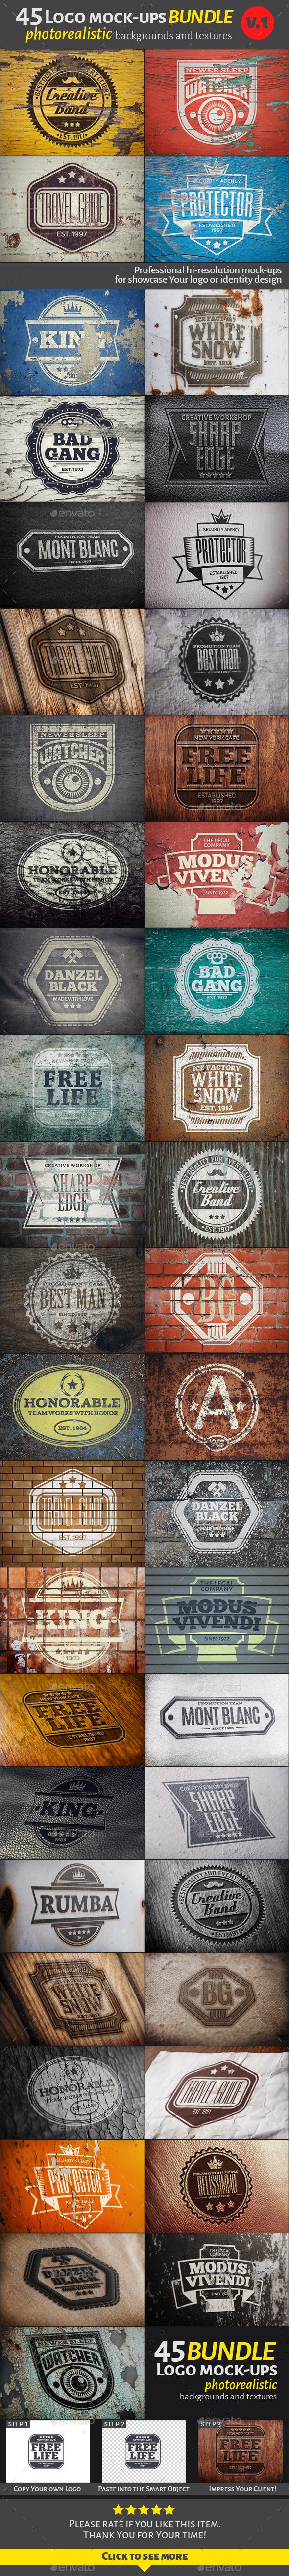 45 Vintage Logo Mock-Ups. Bundle v.1   - Logo Product Mock-Ups